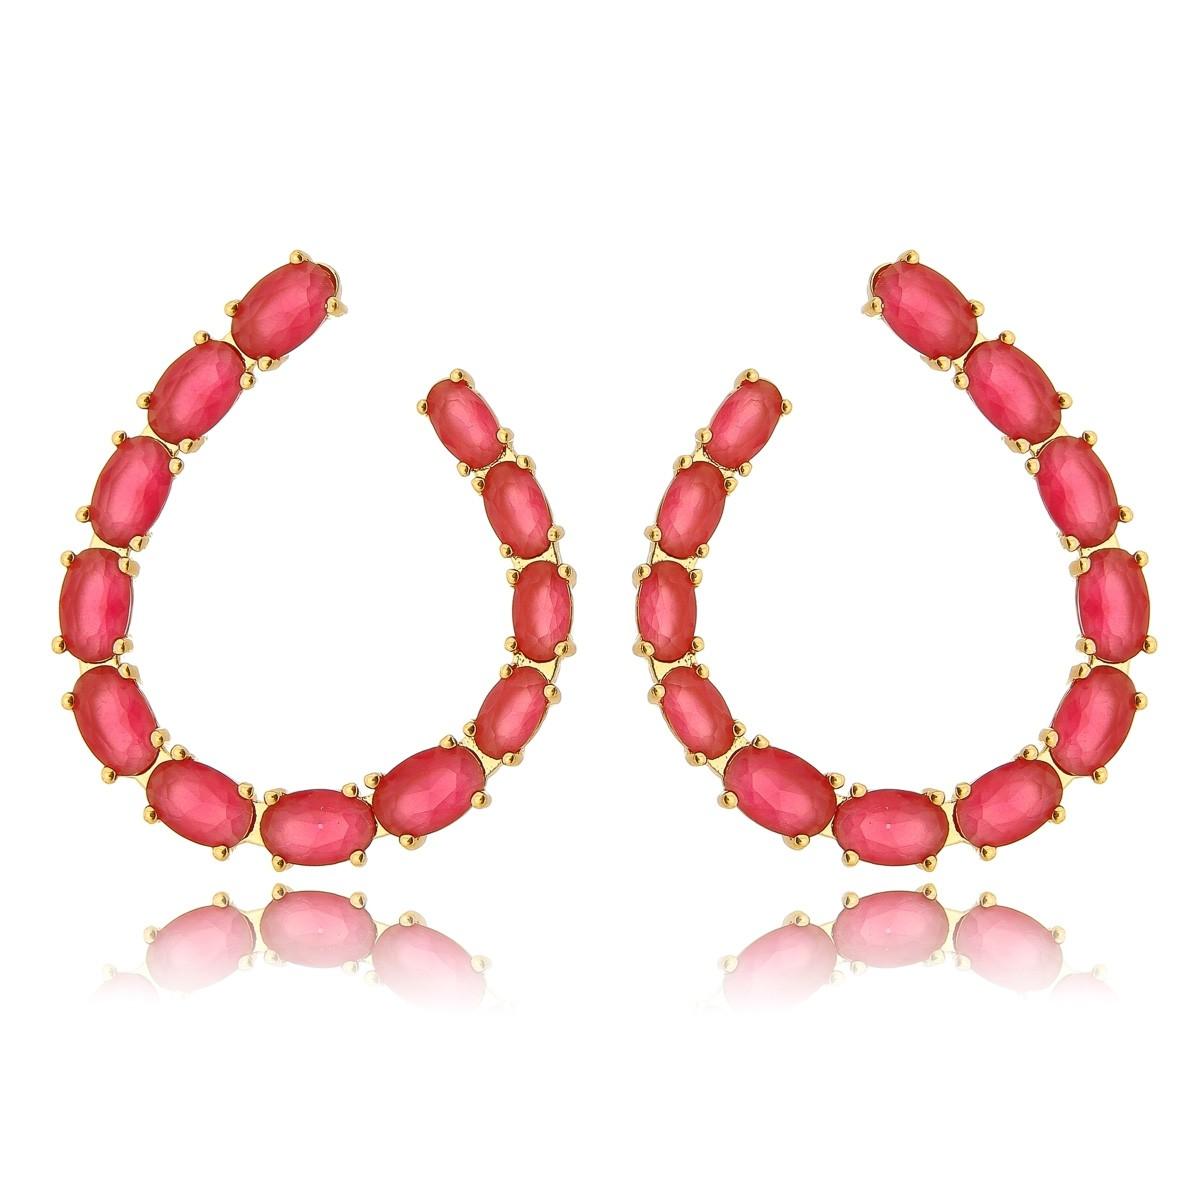 Brinco Rubi Rosa Semijoia em Ouro 18K com Zircônia Oval  - SOLOYOU